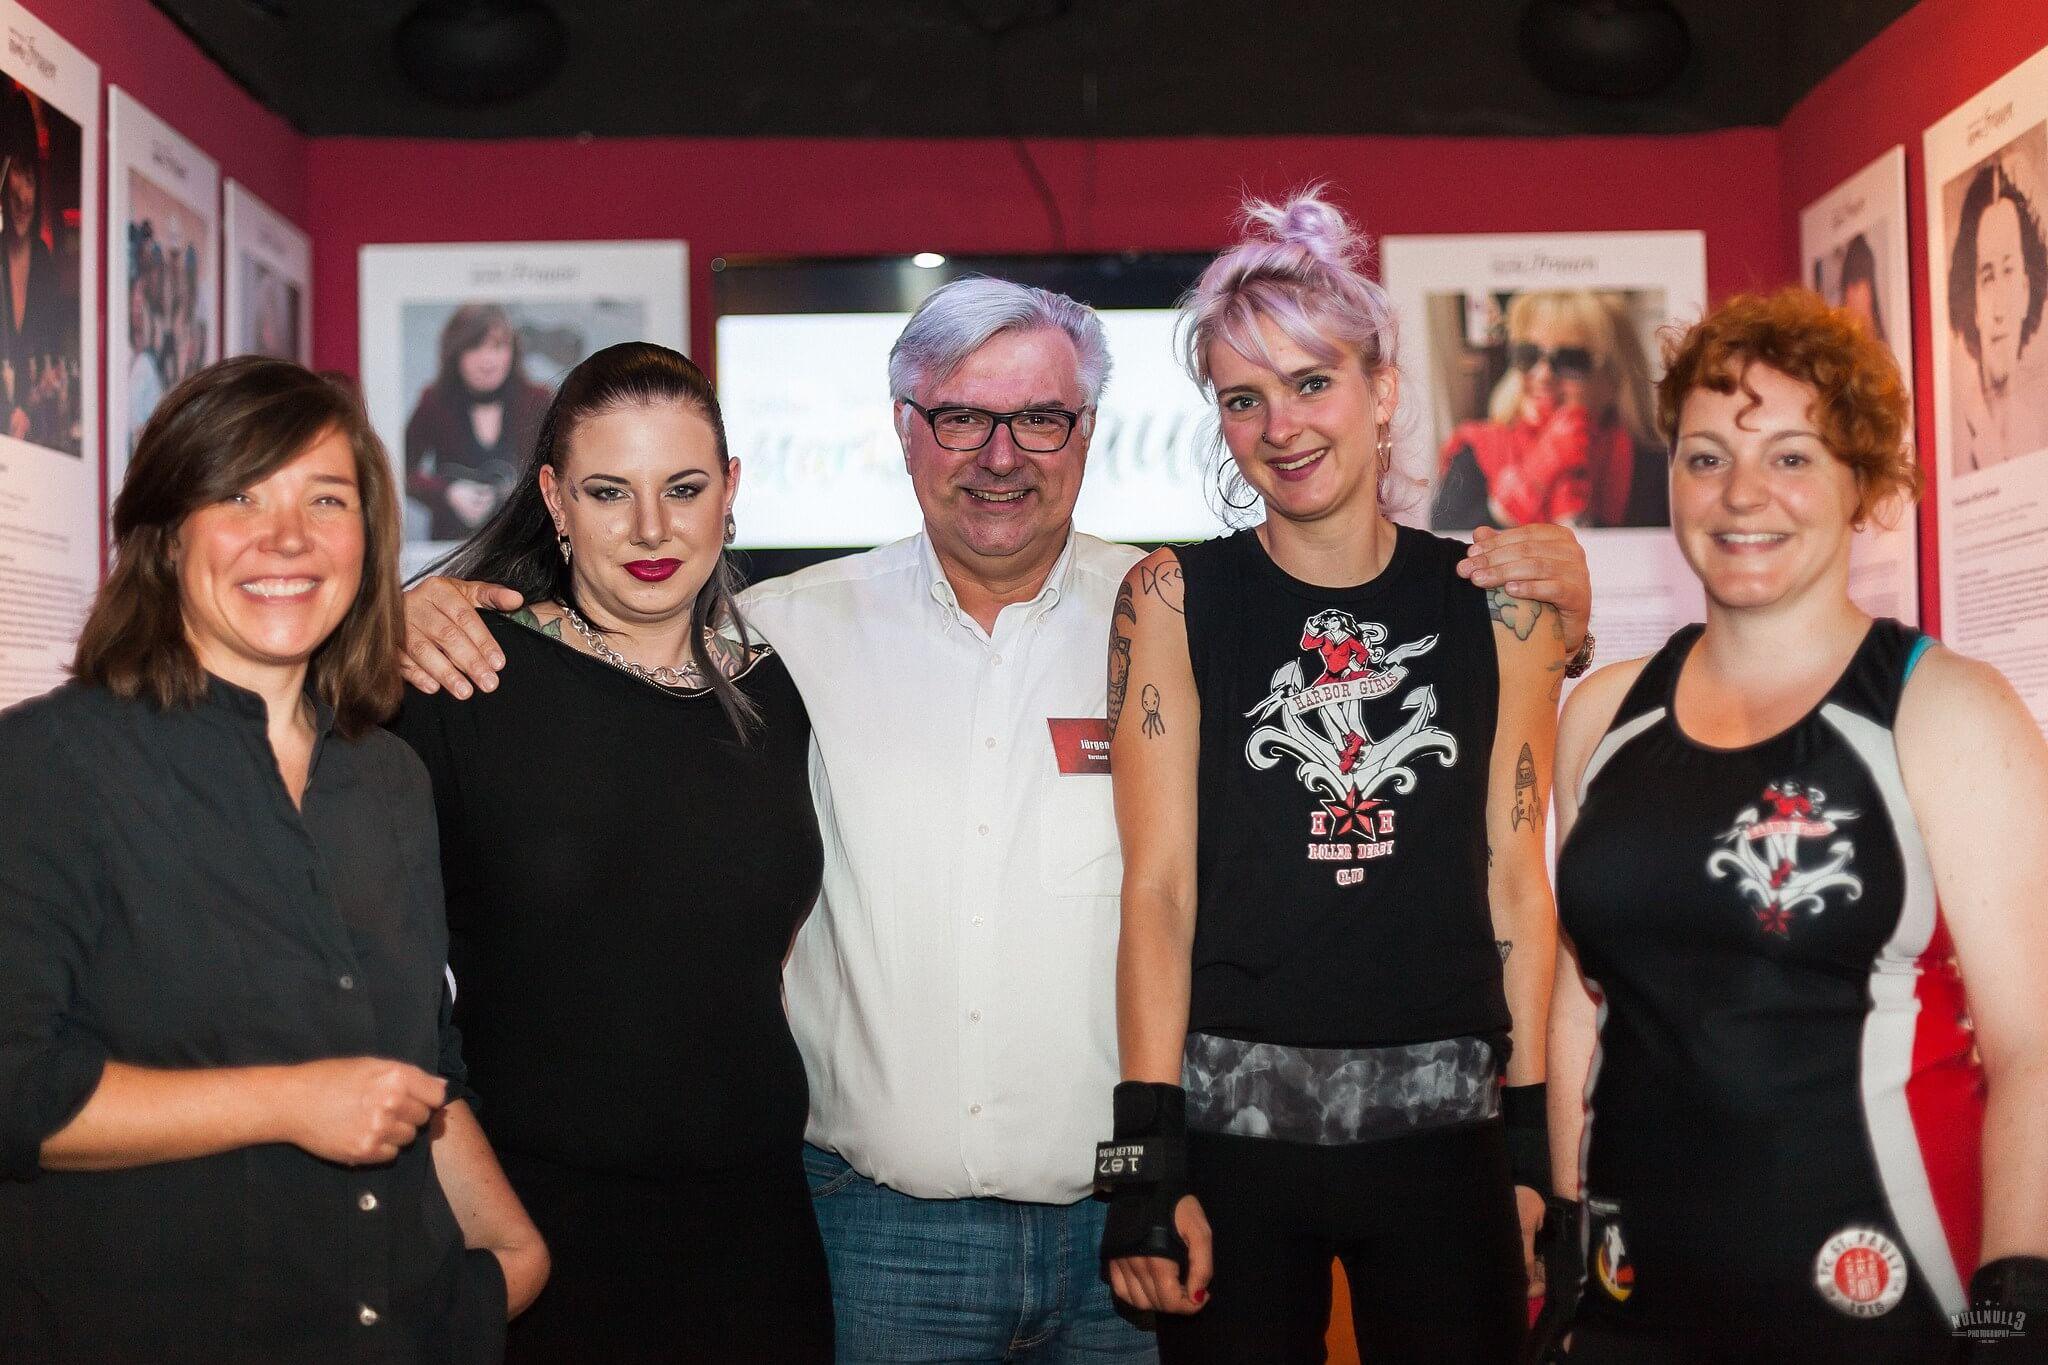 In der Ausstellung St. Paulis starke Frauen ist Frauenpower angesagt! 💪